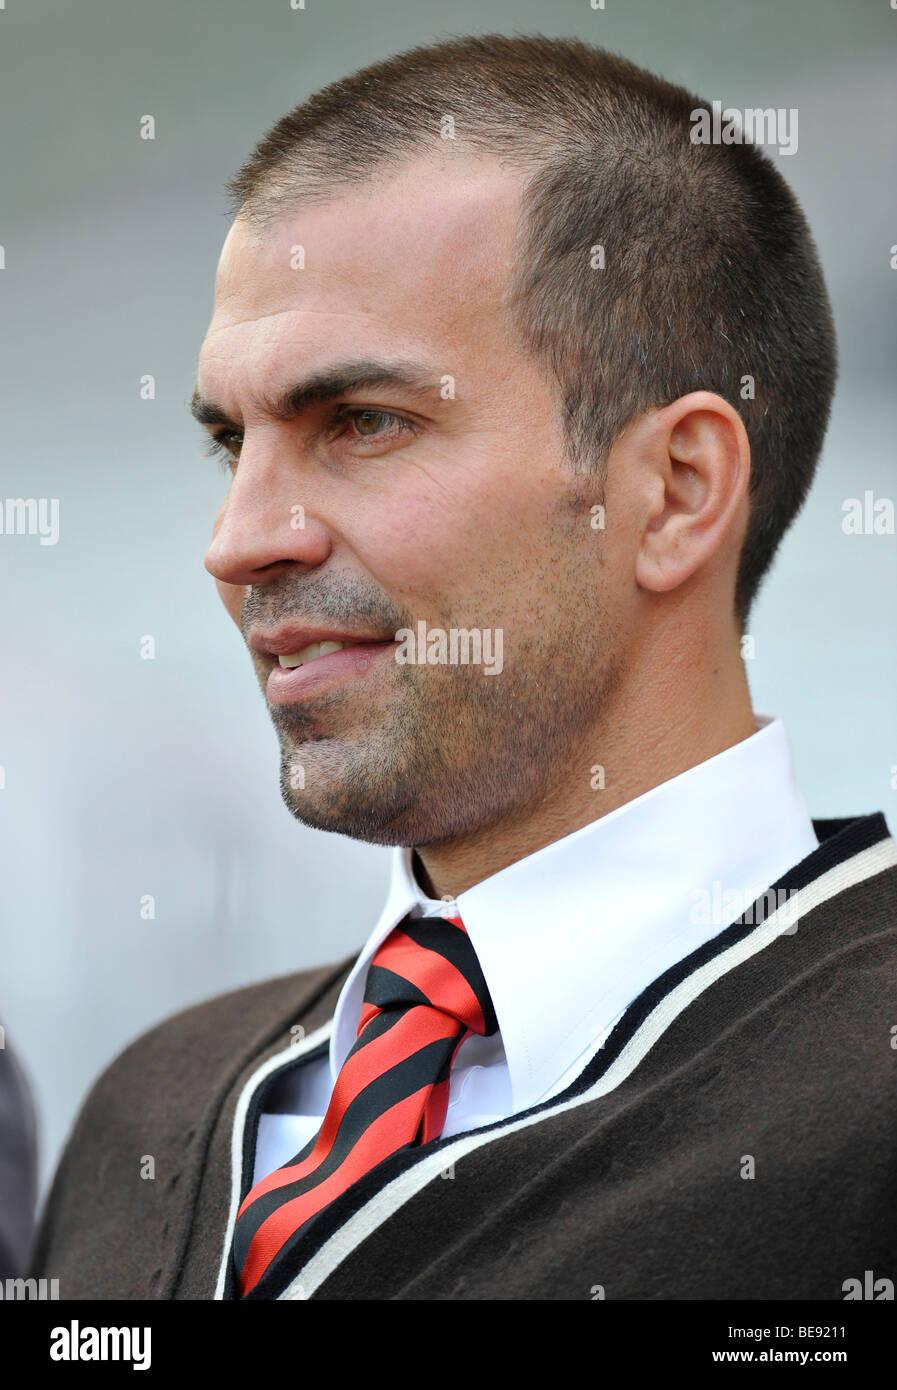 Coach Markus Babbel, VfB Stuttgart - Stock Image